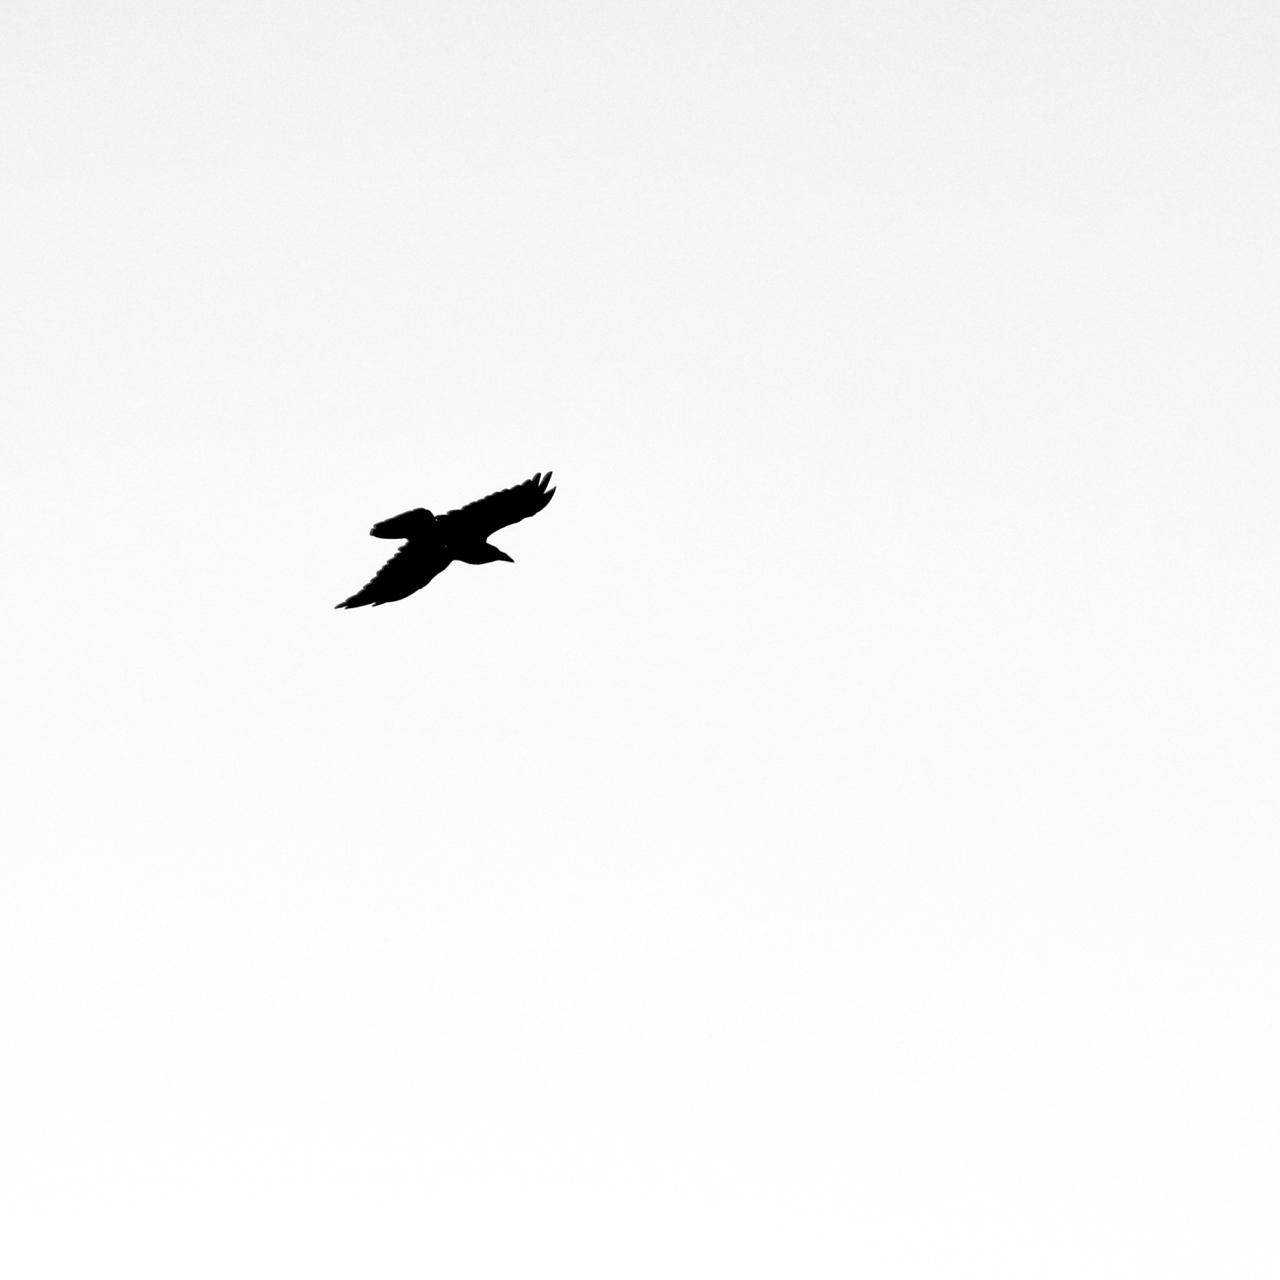 Raven Soaring - Black Canyon